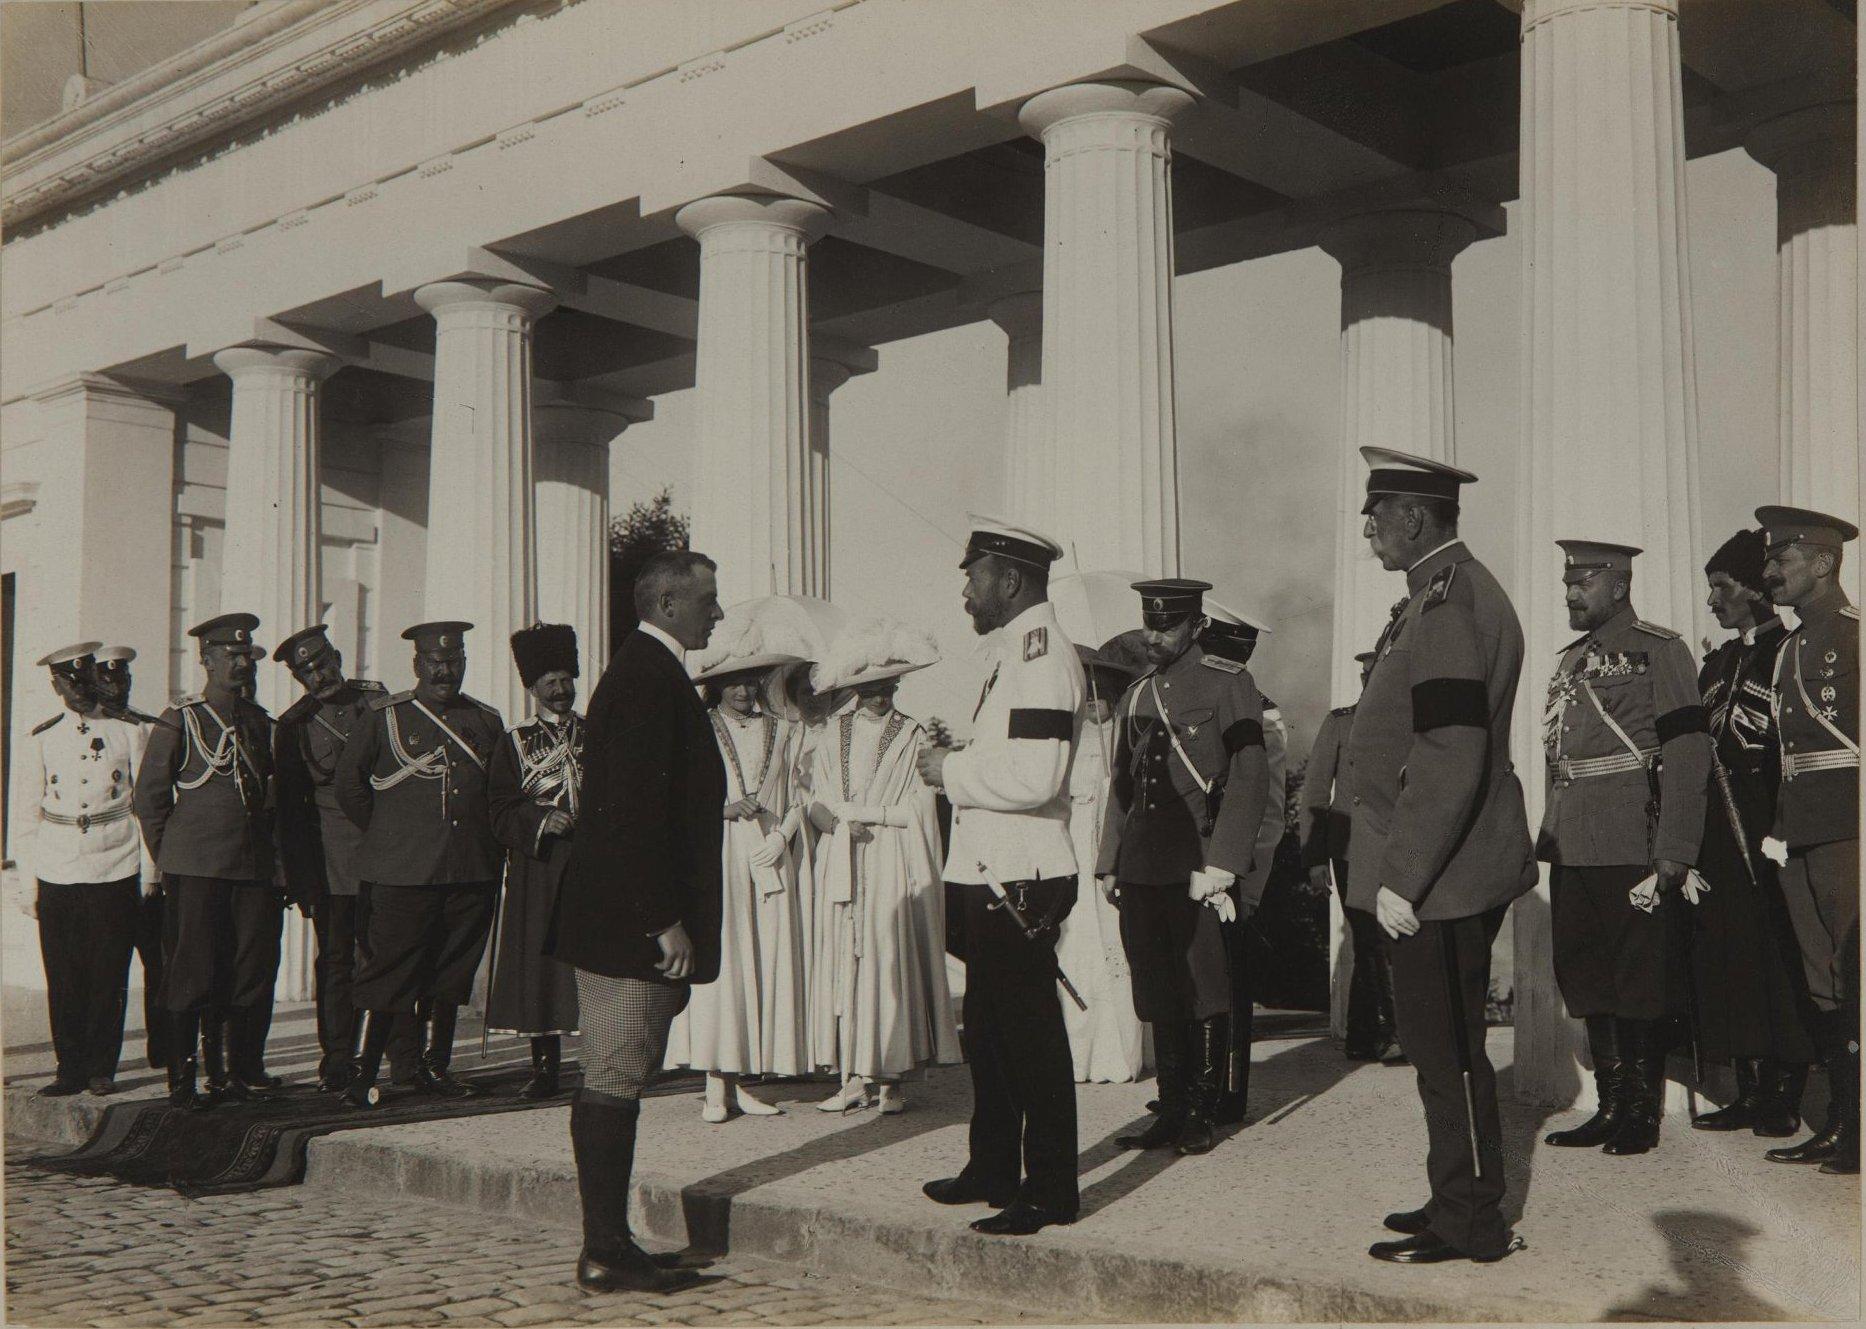 1912. Император Николай II и великие княжны Ольга и Татьяна на Графской пристани в Севастополе